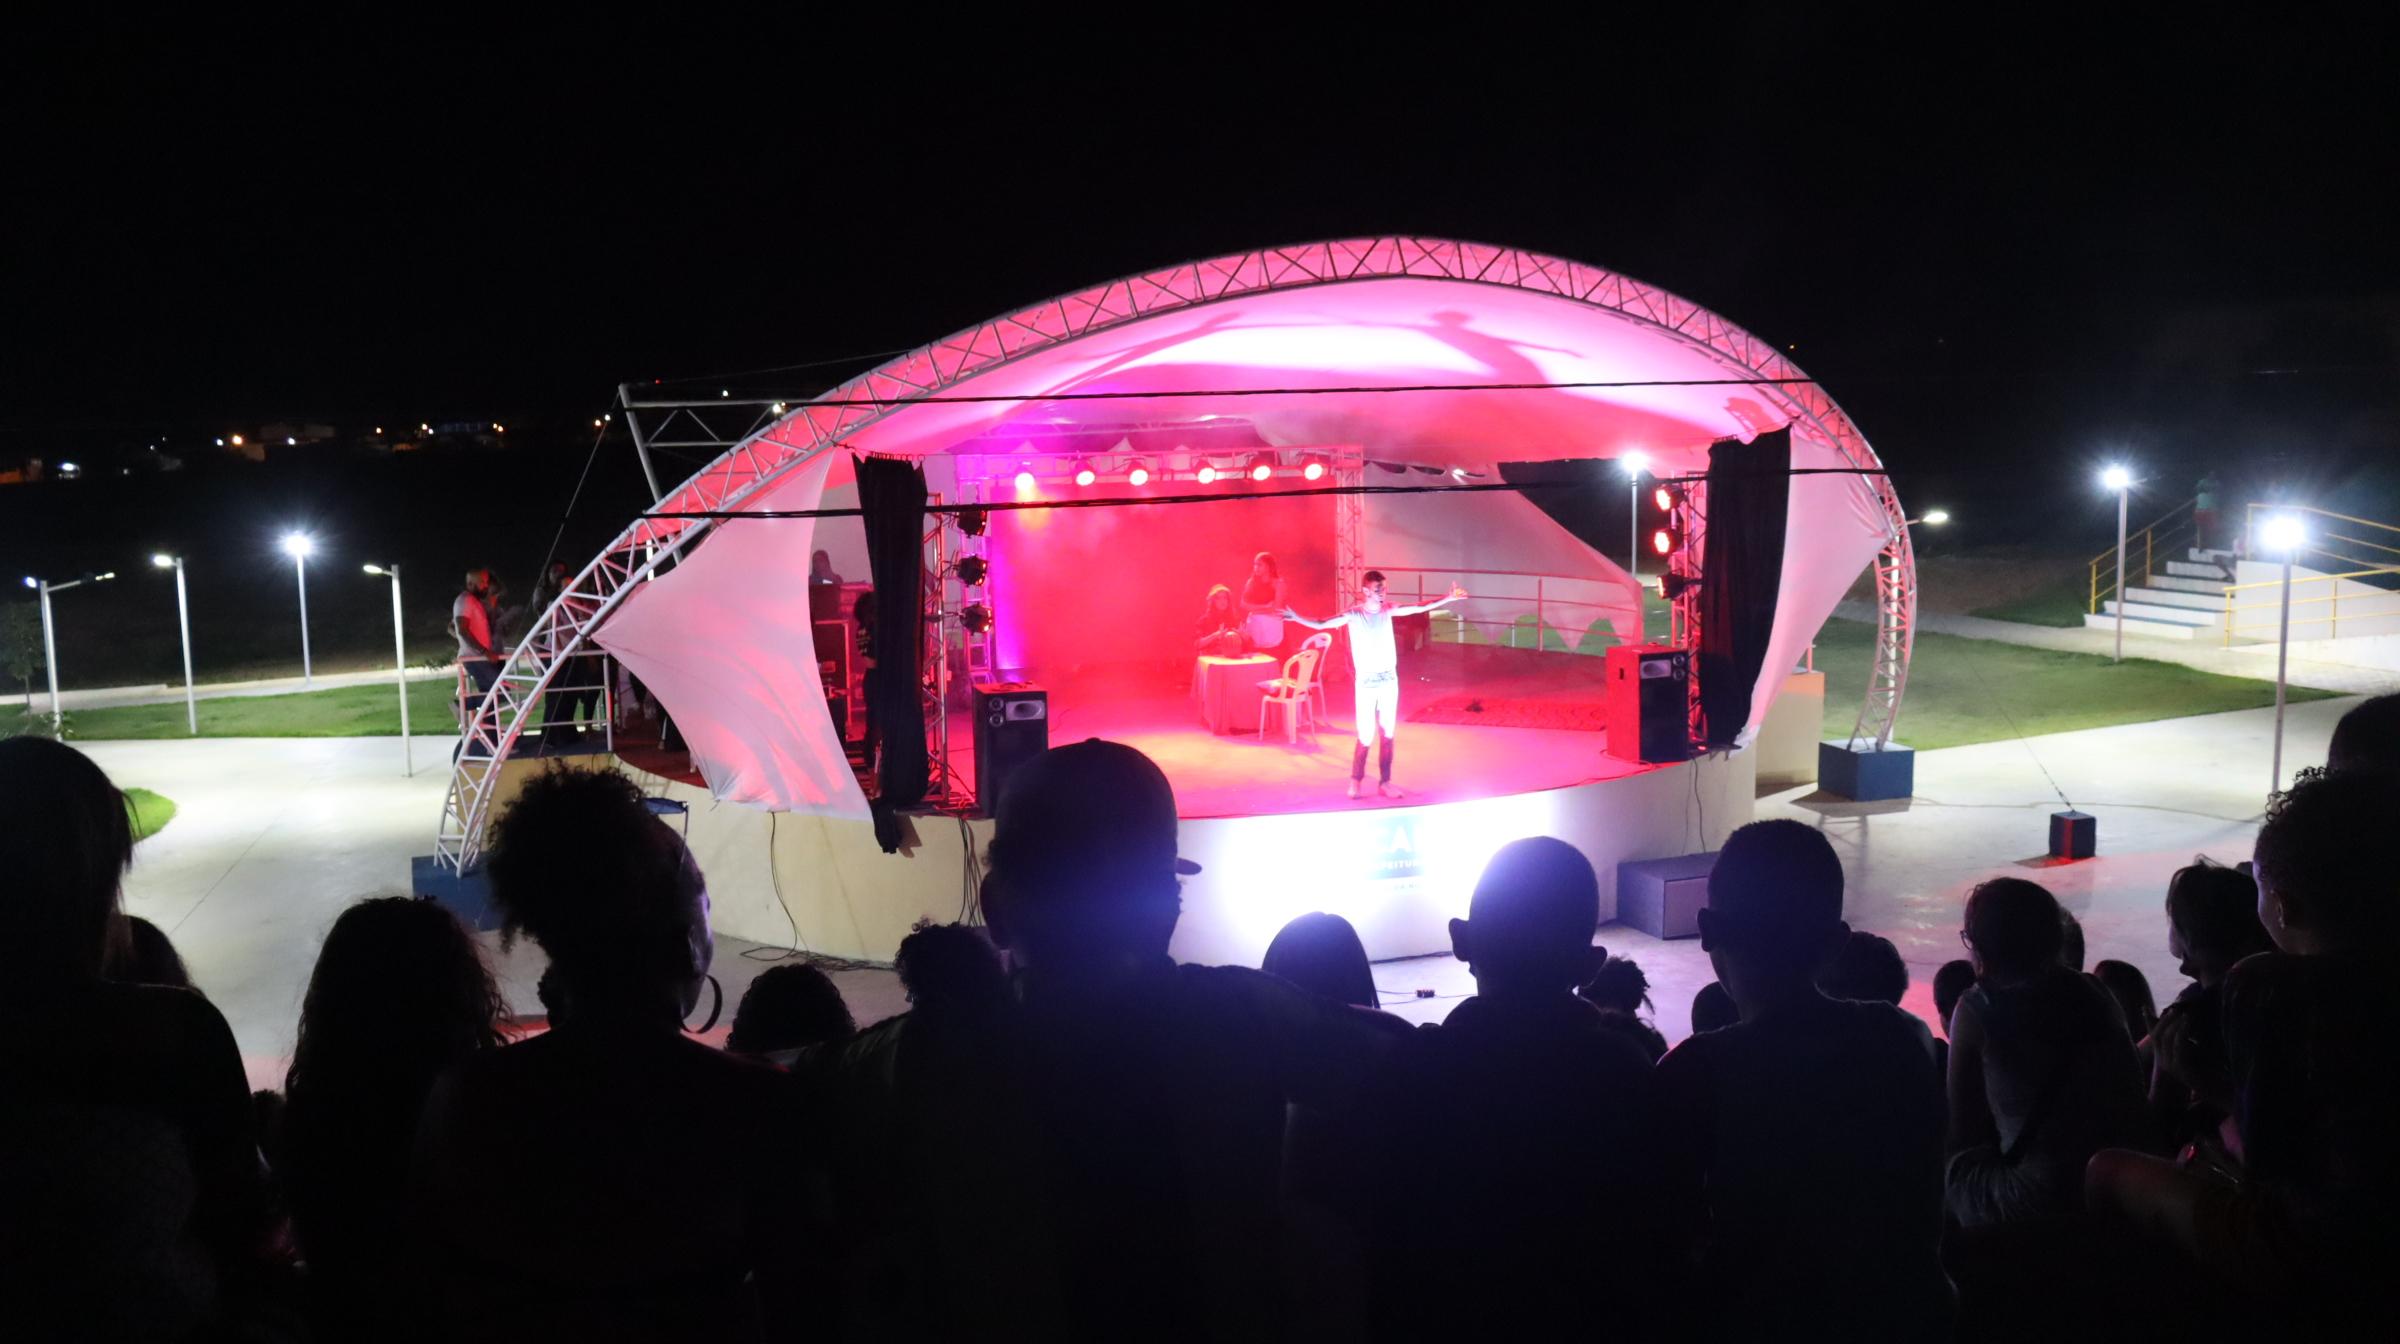 Jornada Cultural: Edição Teatro reúne público de Tucano em oficinas, minicursos e espetáculos gratuitos